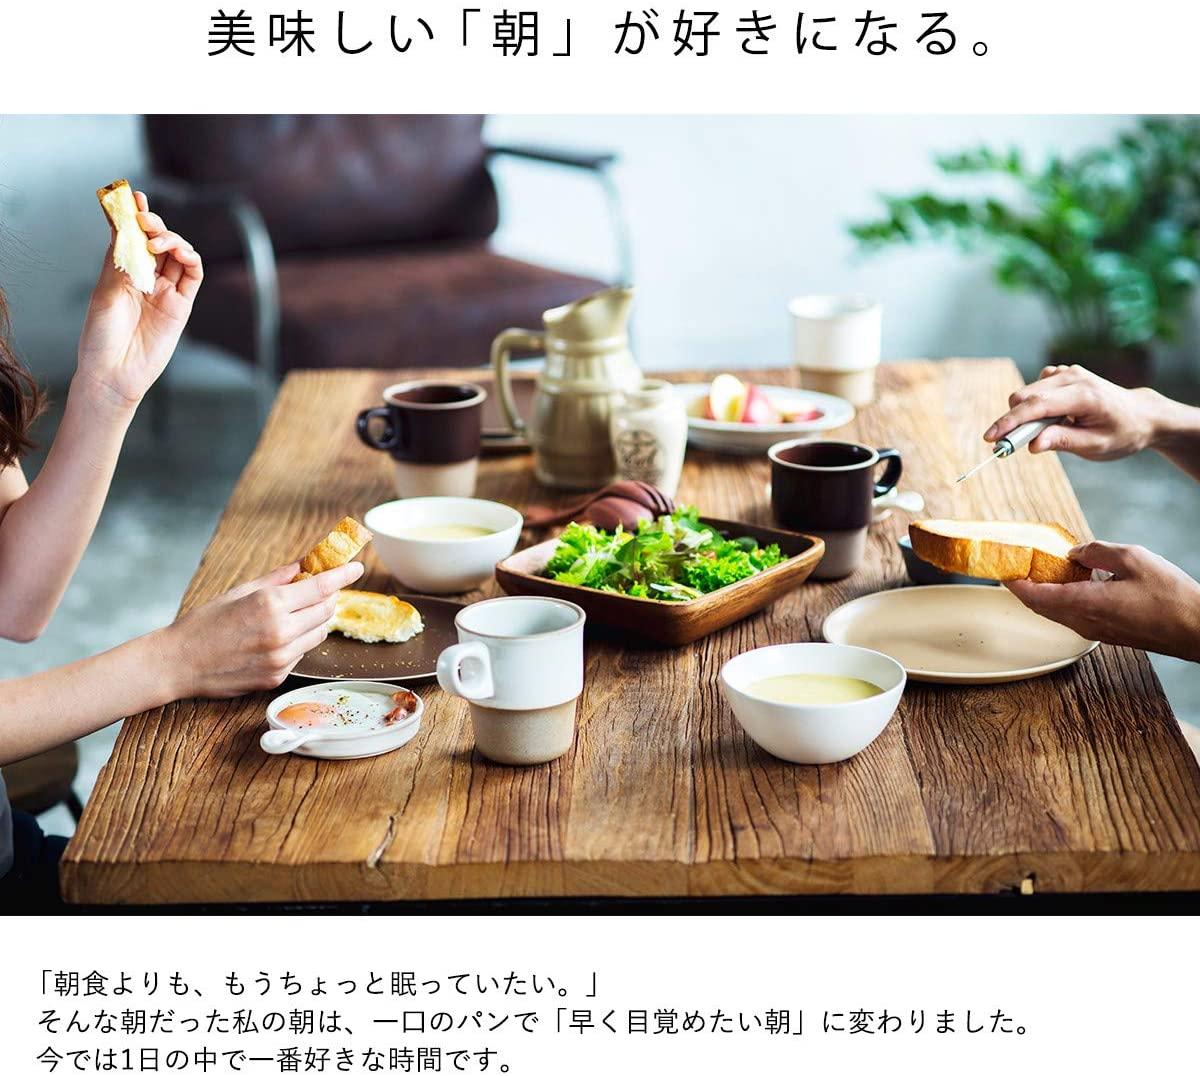 タイガー魔法瓶(たいがーまほうびん)オーブントースターKAE-G13Nの商品画像4